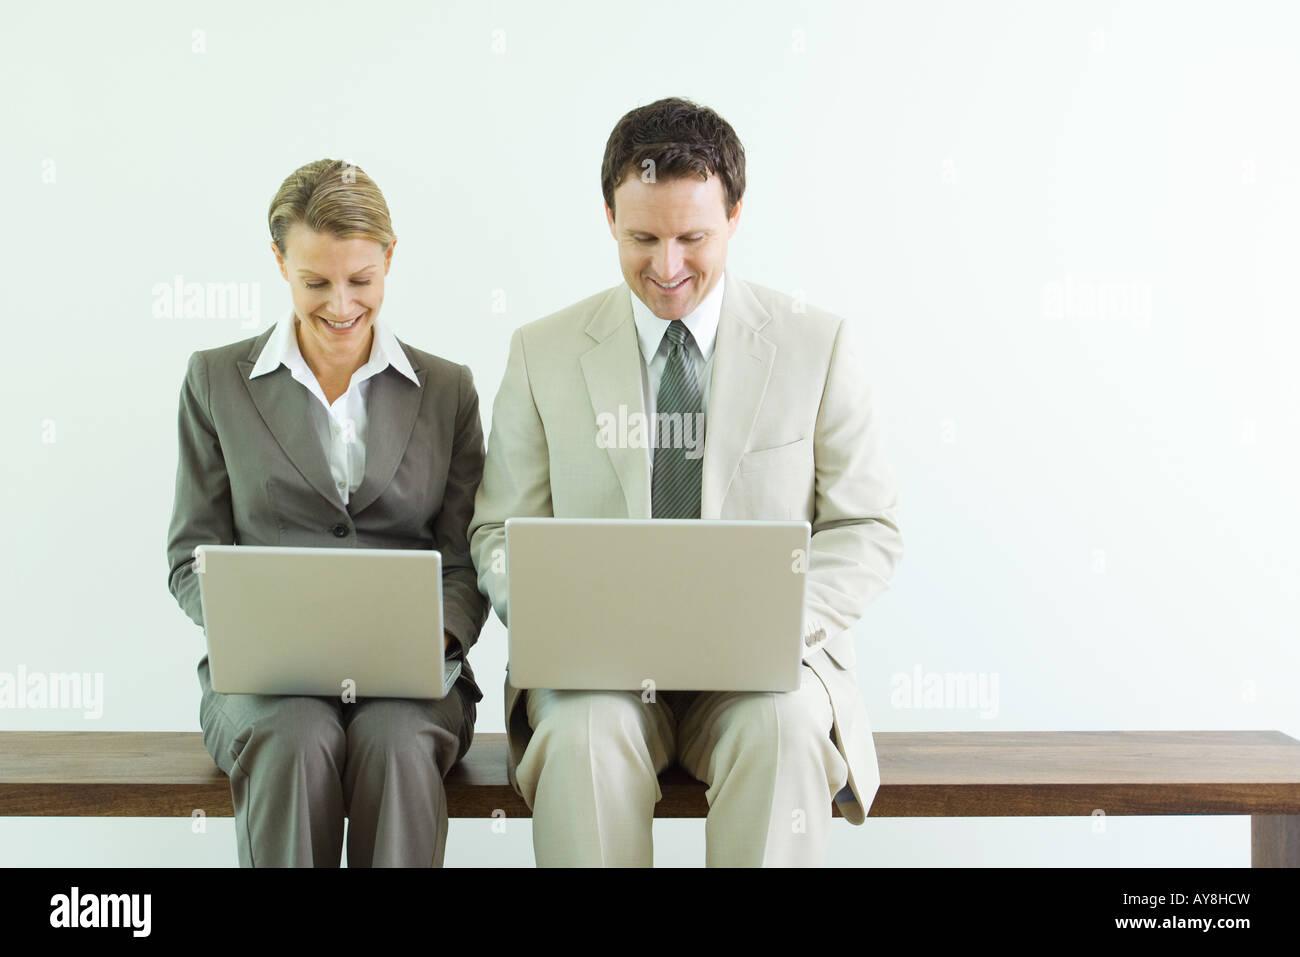 Asociados de negocios masculinos y femeninos sentados uno al lado del otro, ambos utilizando ordenadores portátiles Foto de stock